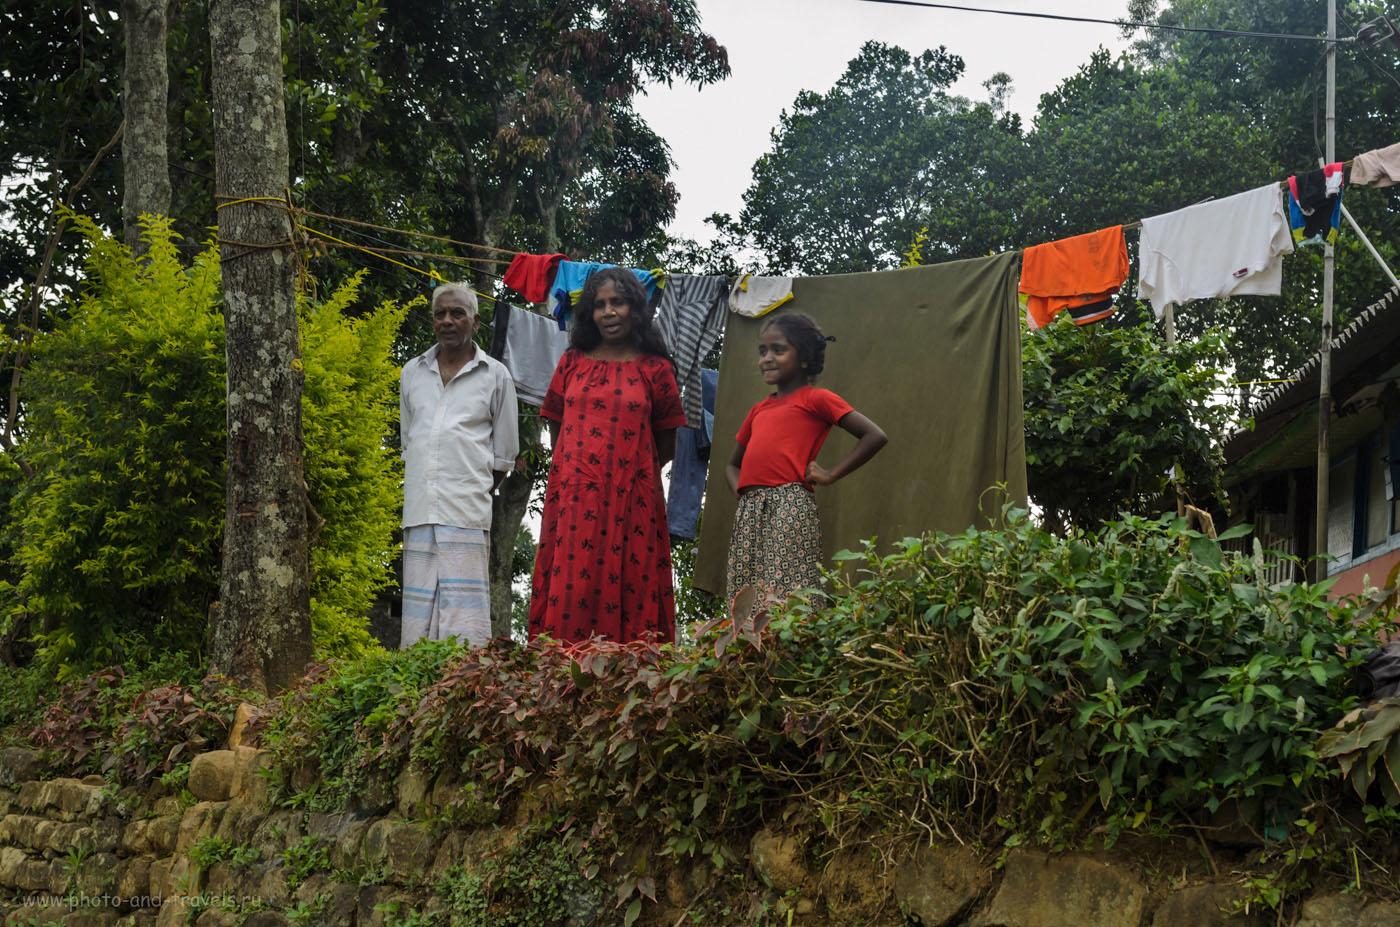 Фото 7. Интерес жителей Шри-Ланки, проживающих в горах, гораздо выше, чем на курортах. Отчет о том, как добраться до Пика Адама по нестандартному маршруту. На автомобиле через территорию парка Хортон Плейнс (Horton Plains National Park)